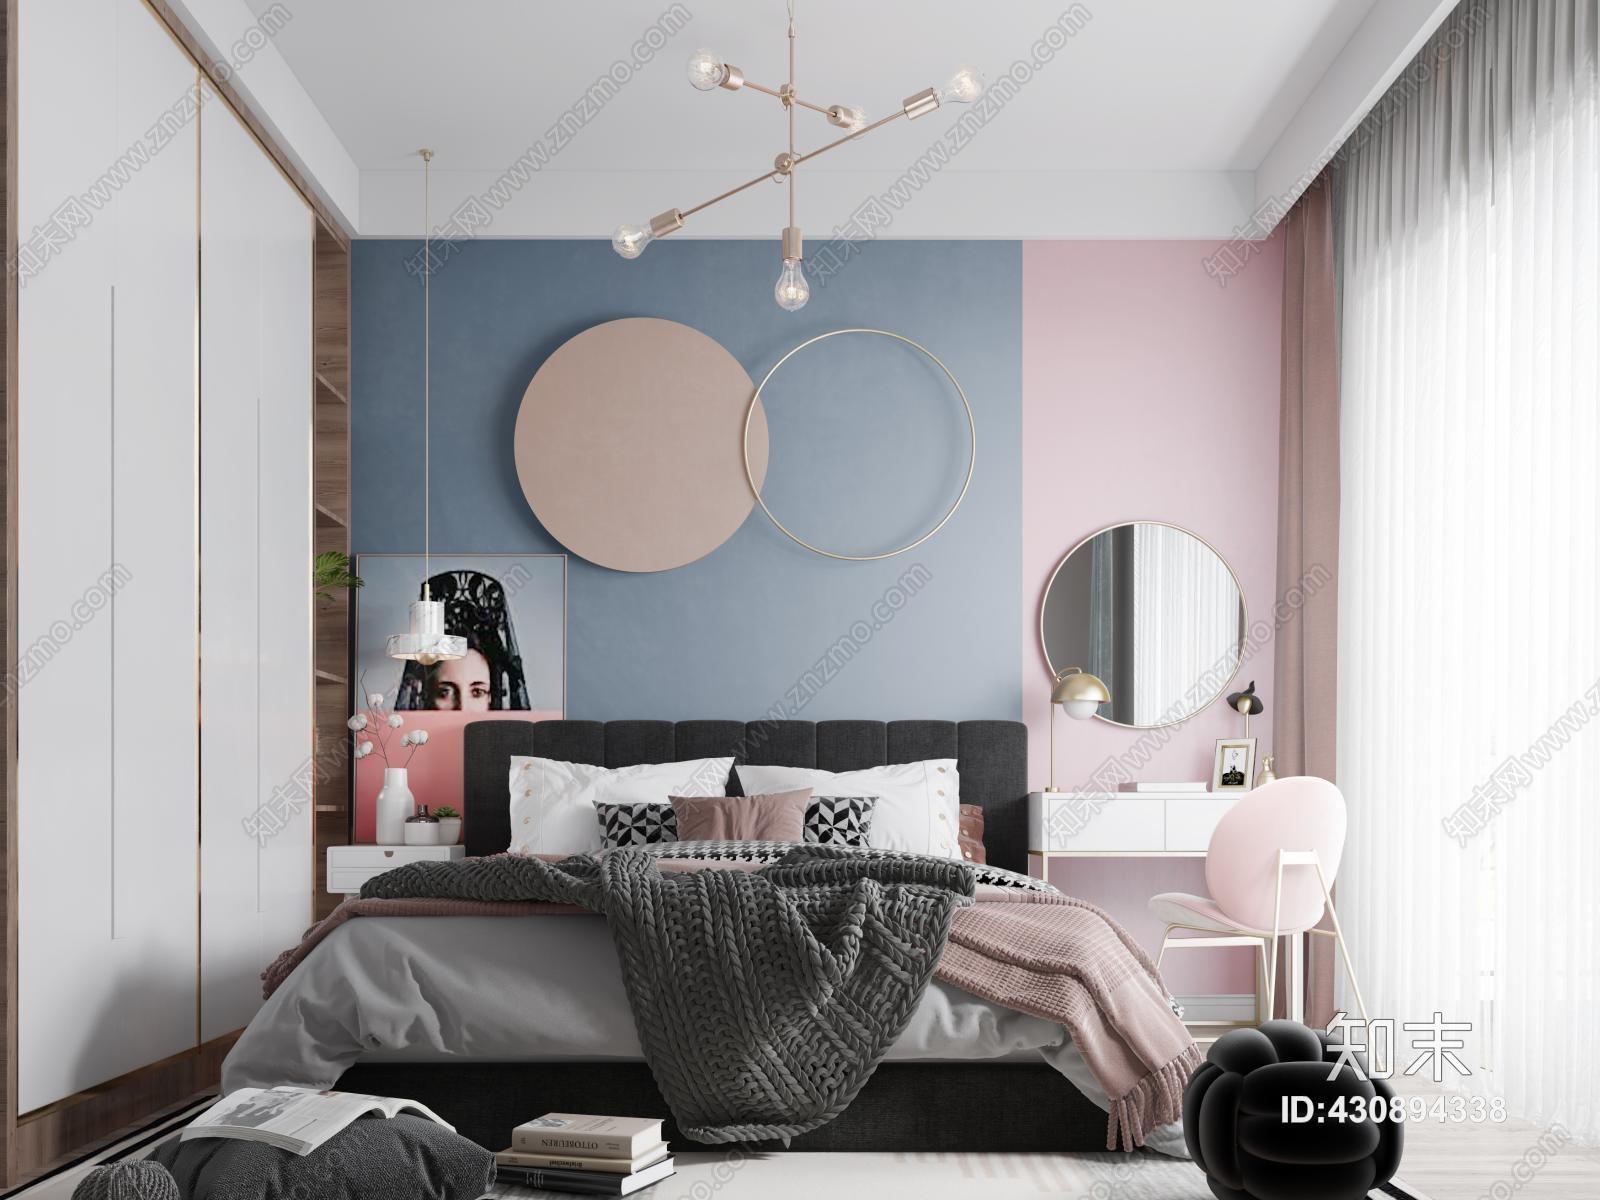 北欧女儿房 床具 灯具 衣柜 床头柜 书桌 椅子 绿植 挂画 地毯 窗帘 抱枕